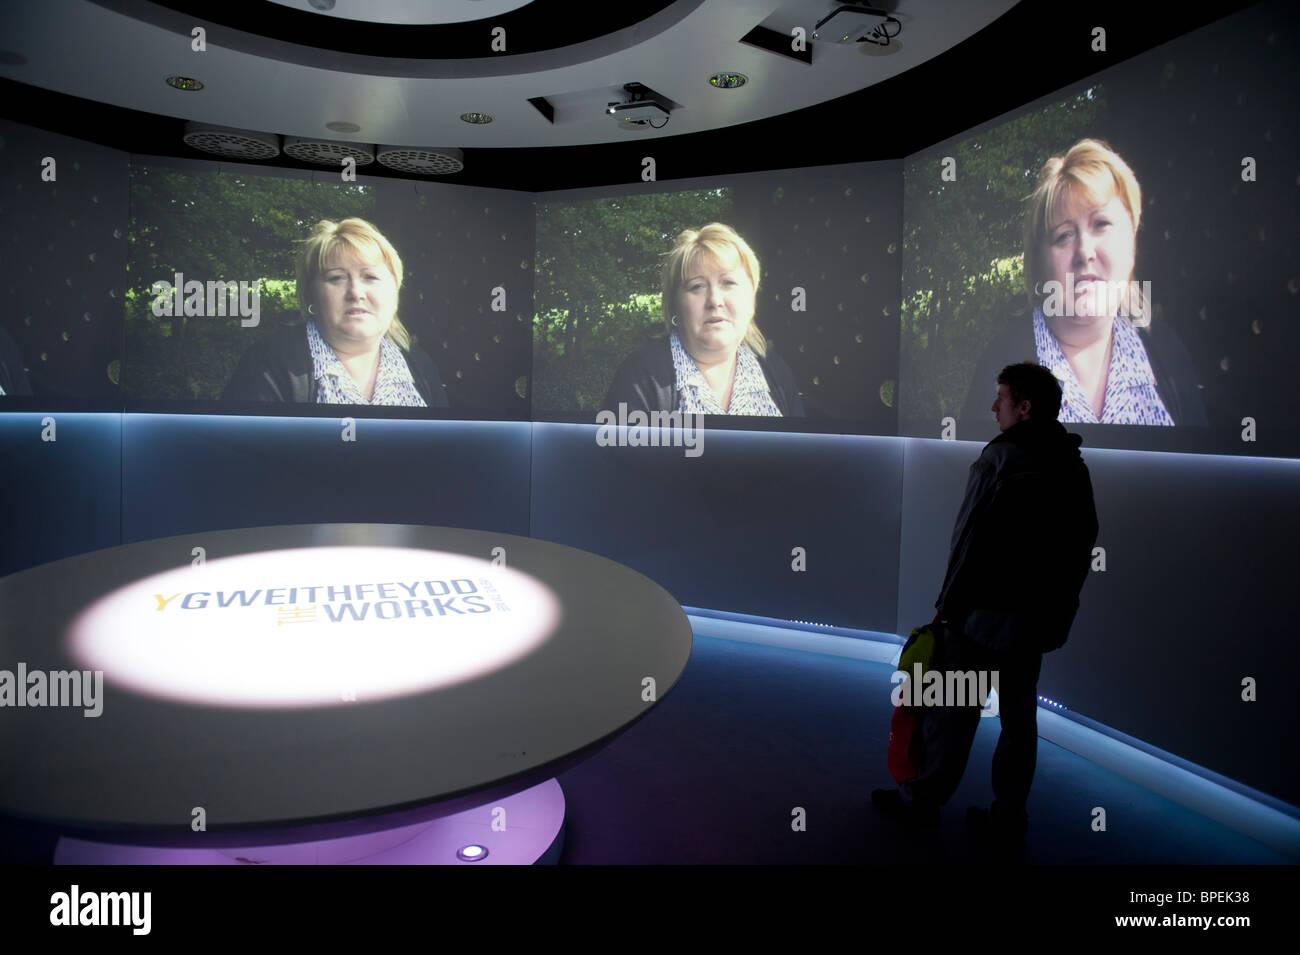 eine Person Blick auf Audio-visuellen Erzählens Display in THE WORKS Ausstellungs- und Kulturzentrum, Ebbw Stockbild